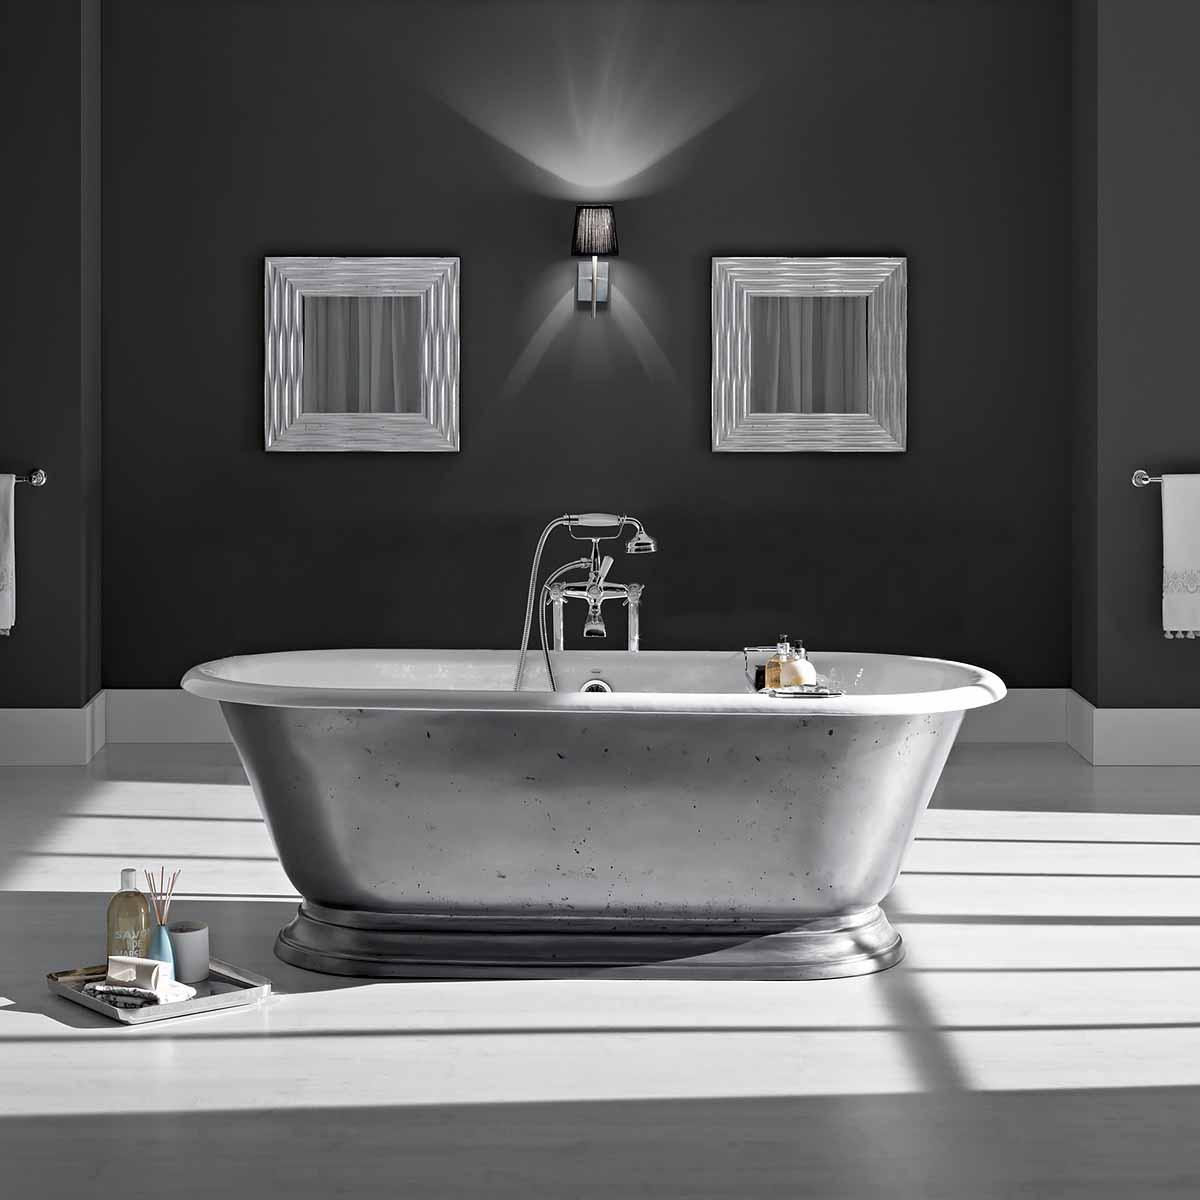 badewanne siena gusseisen von replicata innenseite wei emailliert replikate. Black Bedroom Furniture Sets. Home Design Ideas